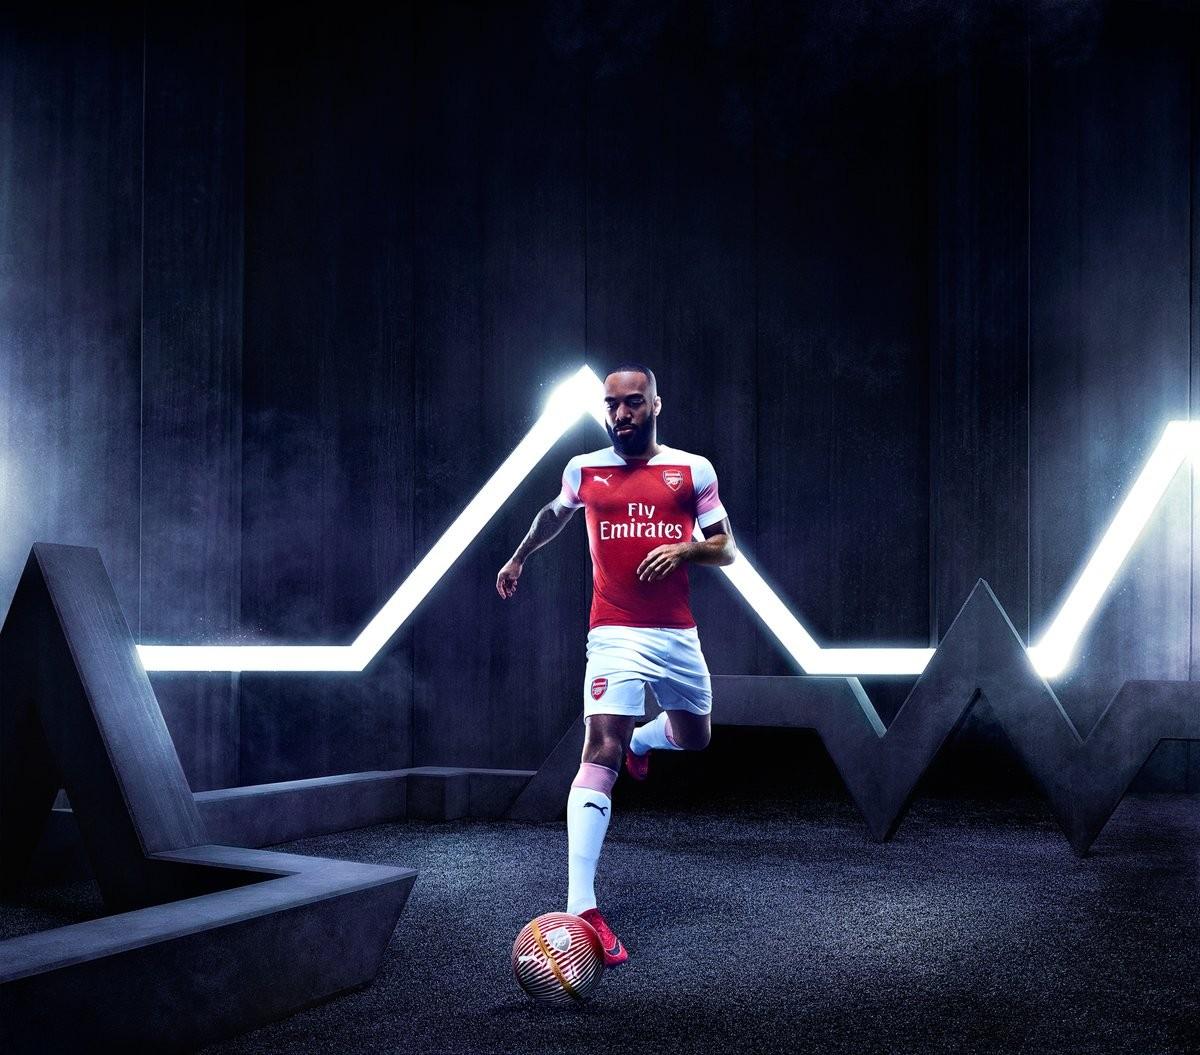 Arsenal - Presentata la maglia per la nuova stagione